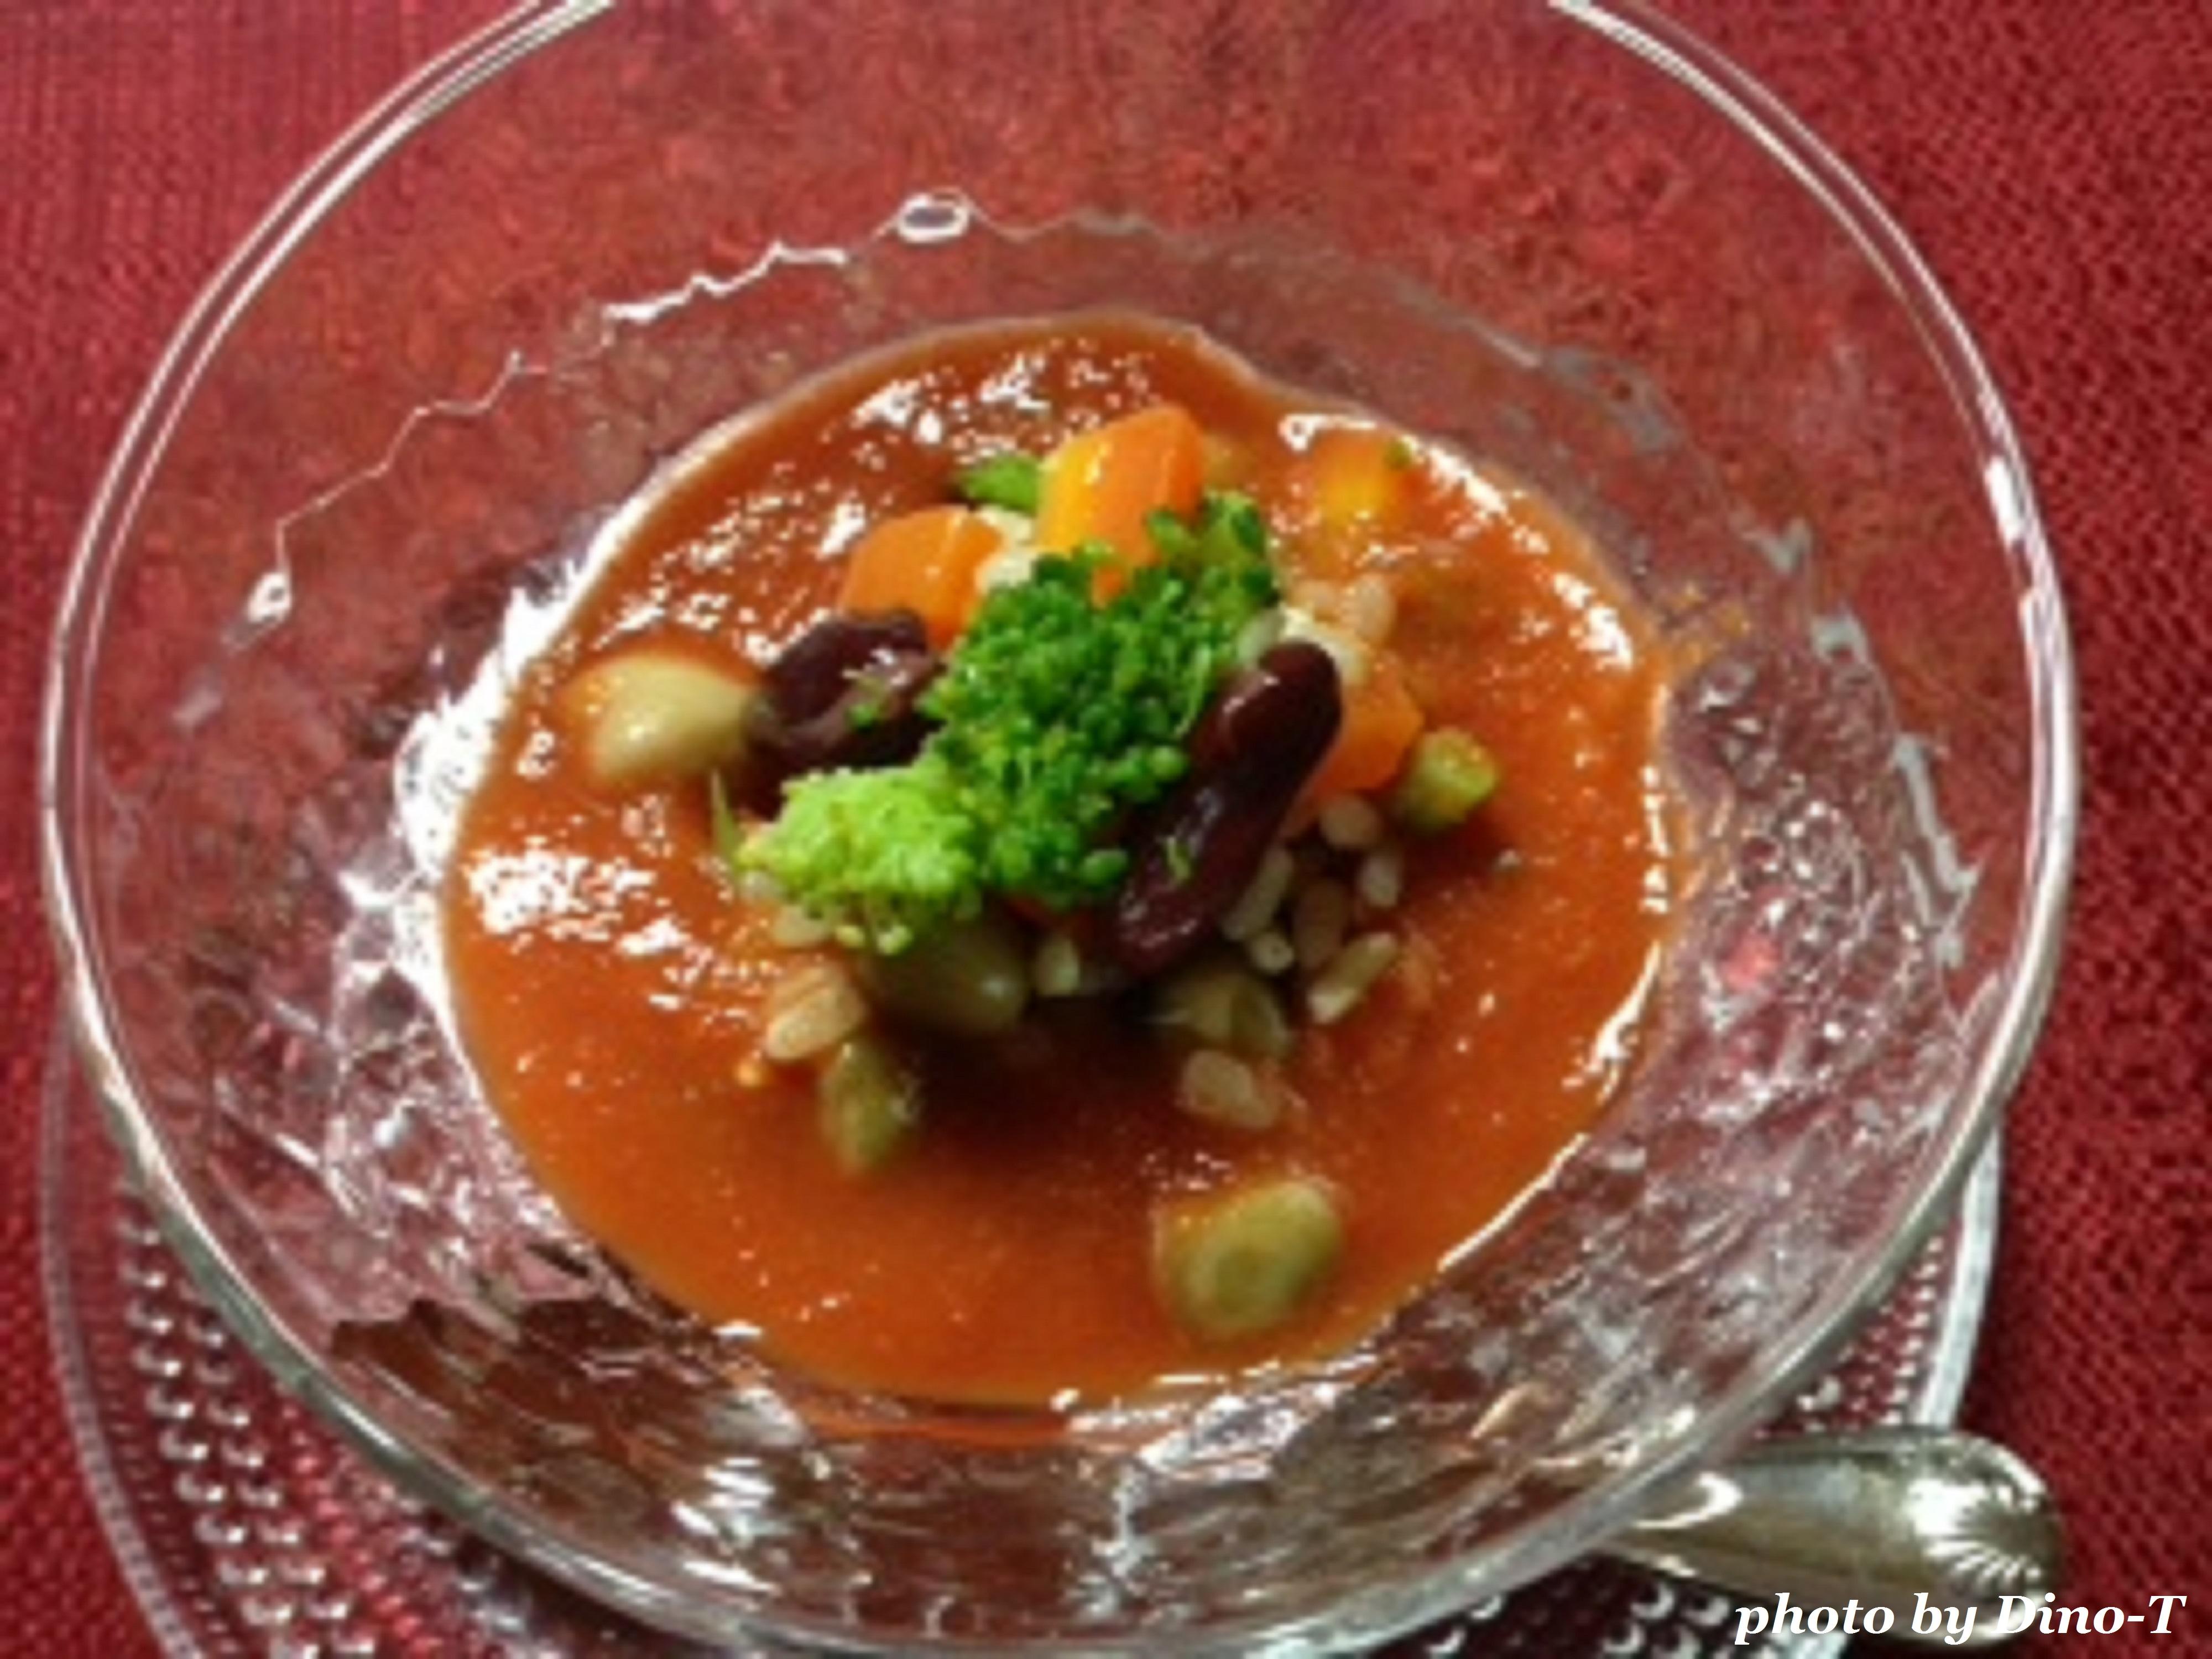 グレインズサラダの冷製スープ